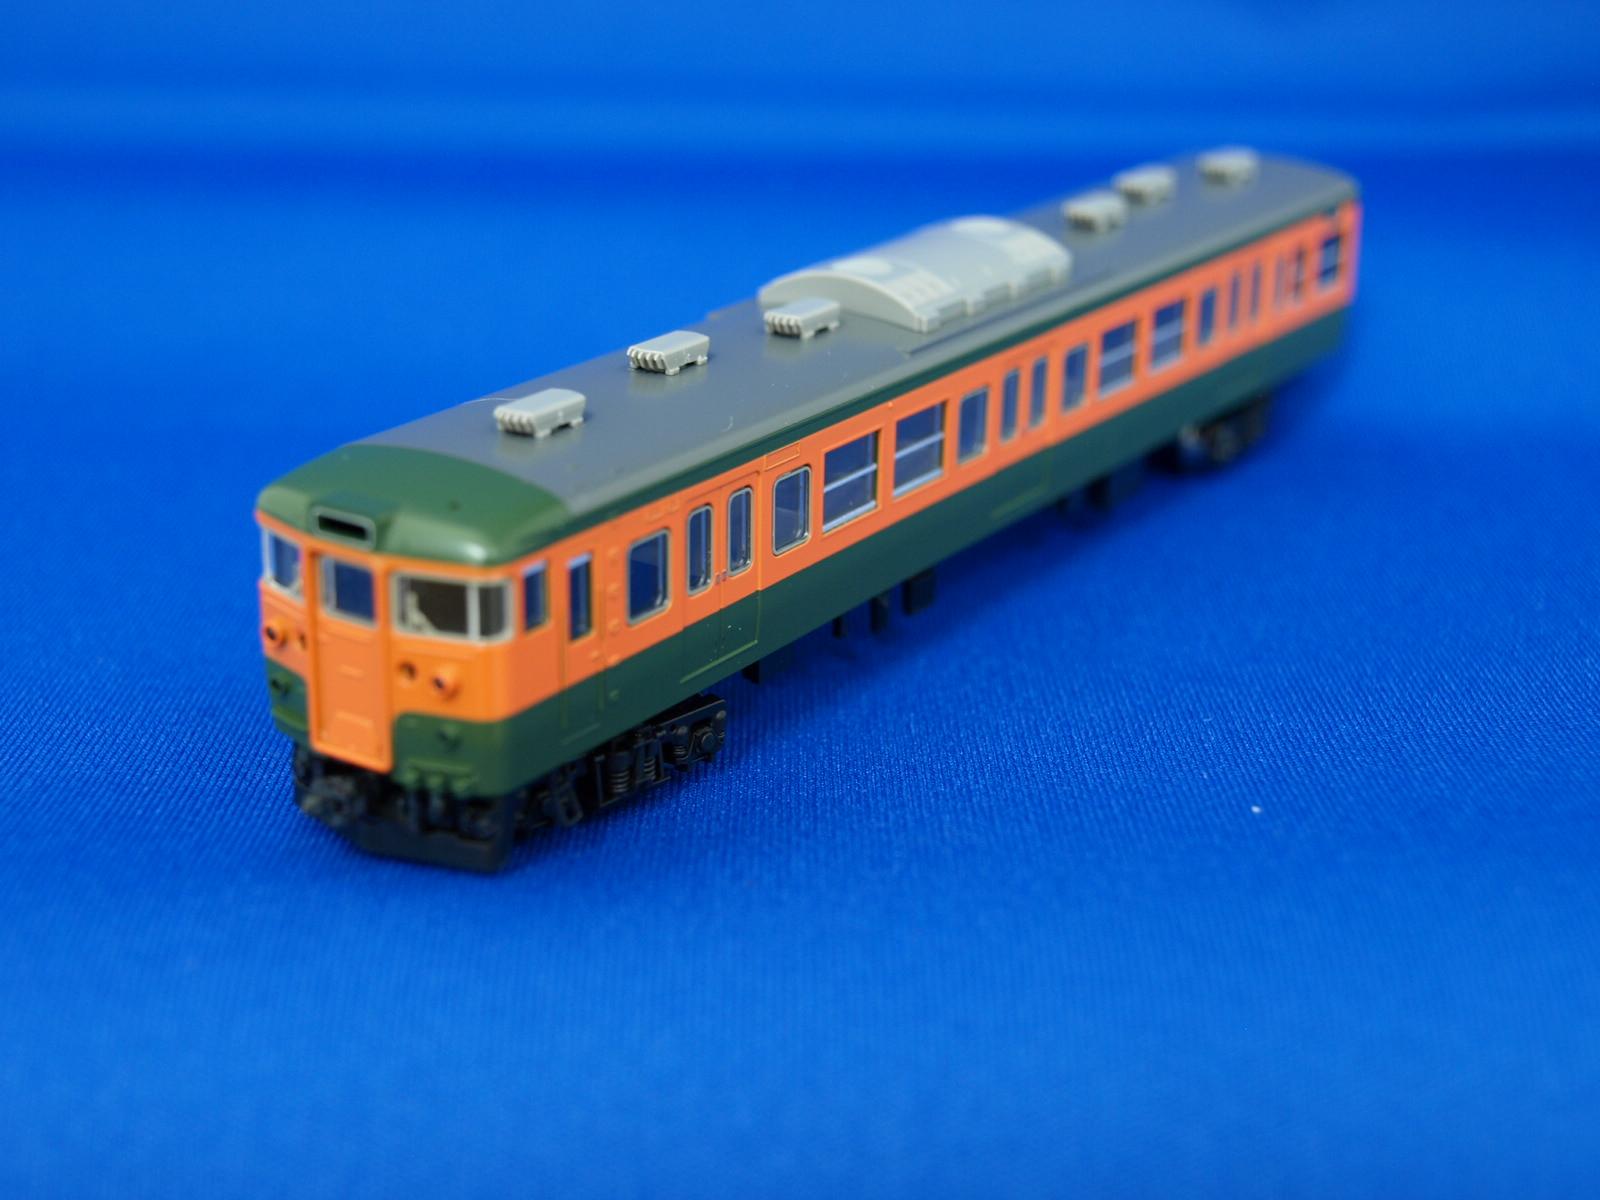 Nゲージ トミックス 98224 国鉄 115-300系近郊電車(湘南色)基本4両セットB